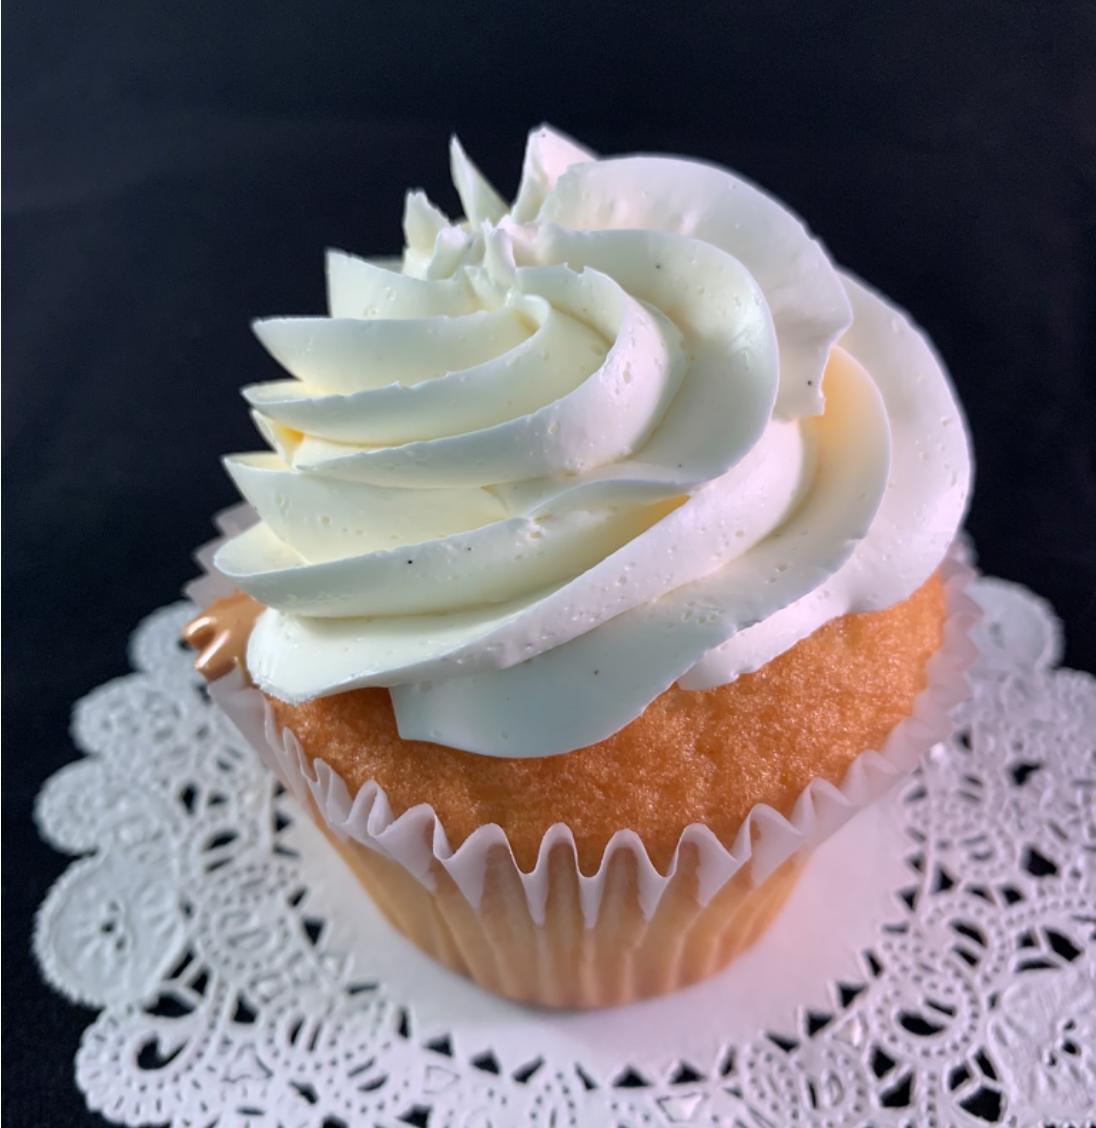 Dolce De Leche Cupcake - 1/2 doz